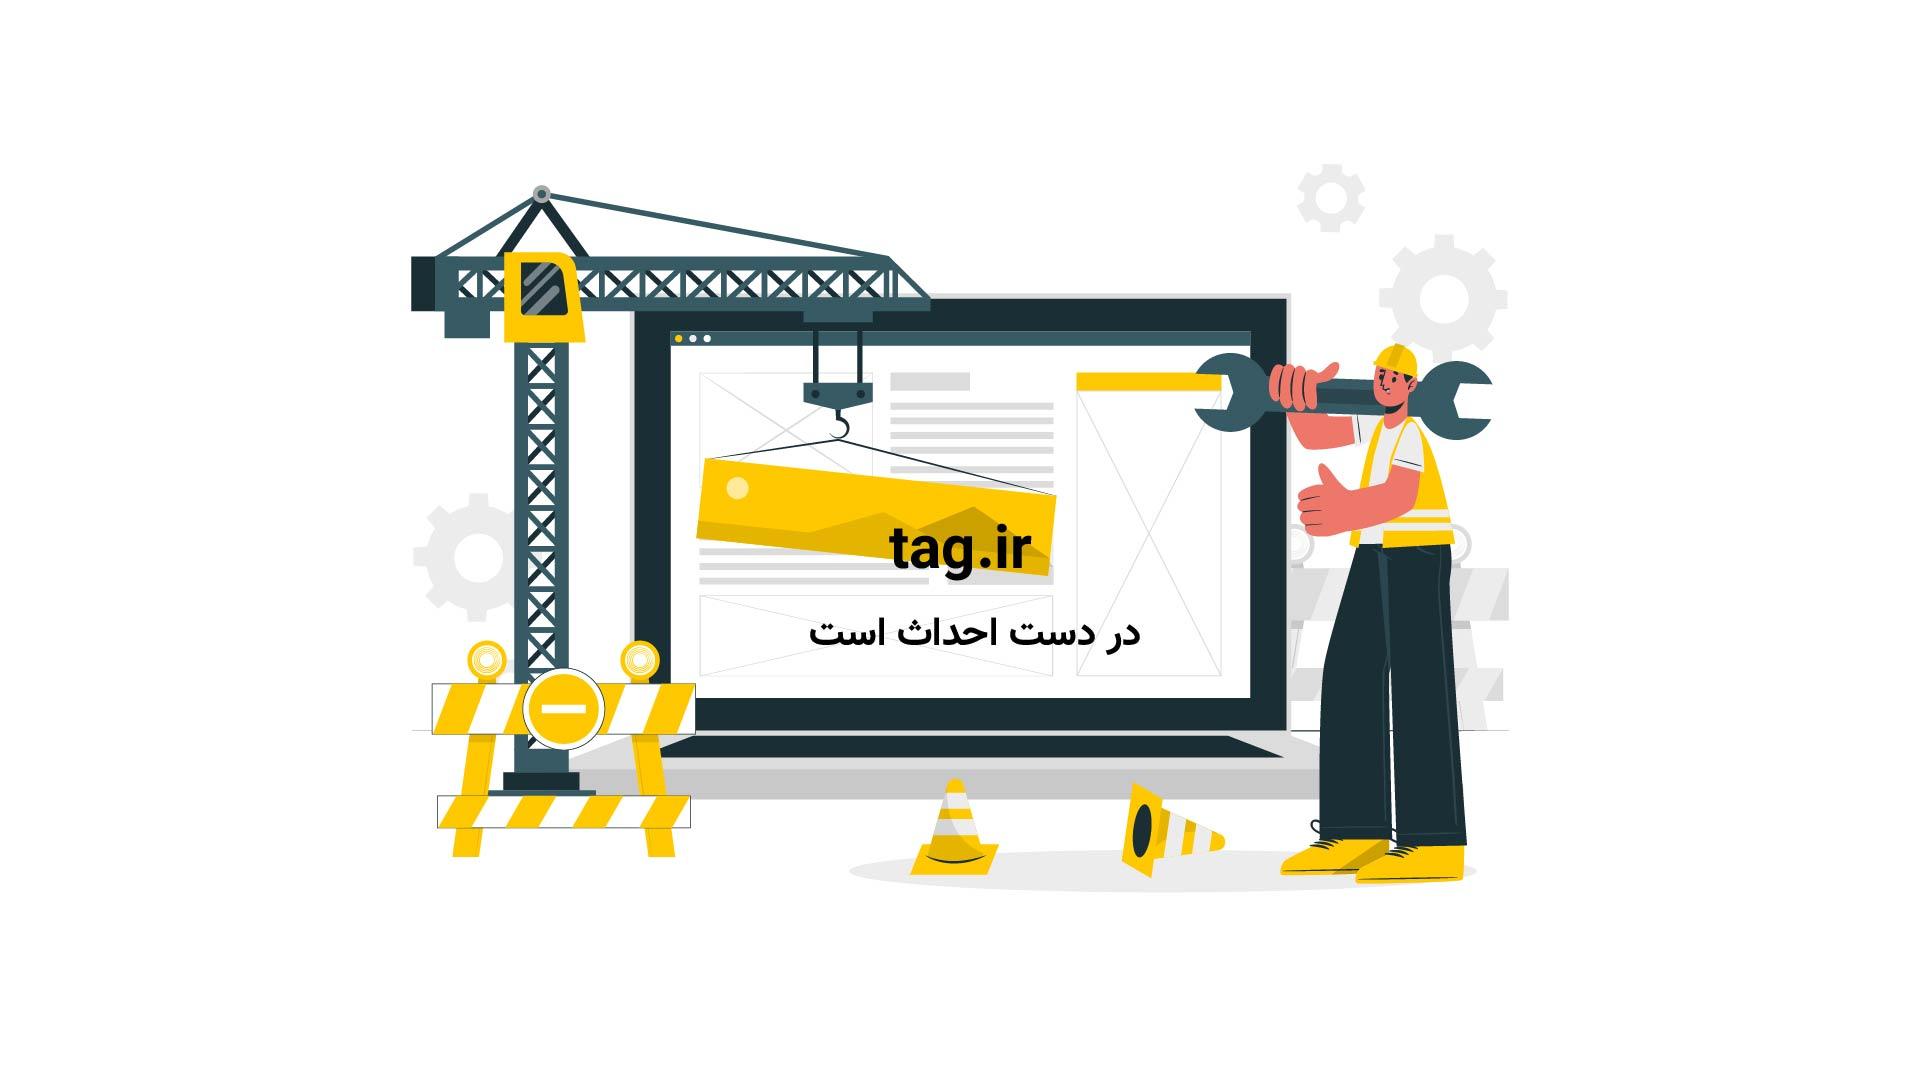 خرچنگ راهب خانهاش را اجاره میکند|تگ